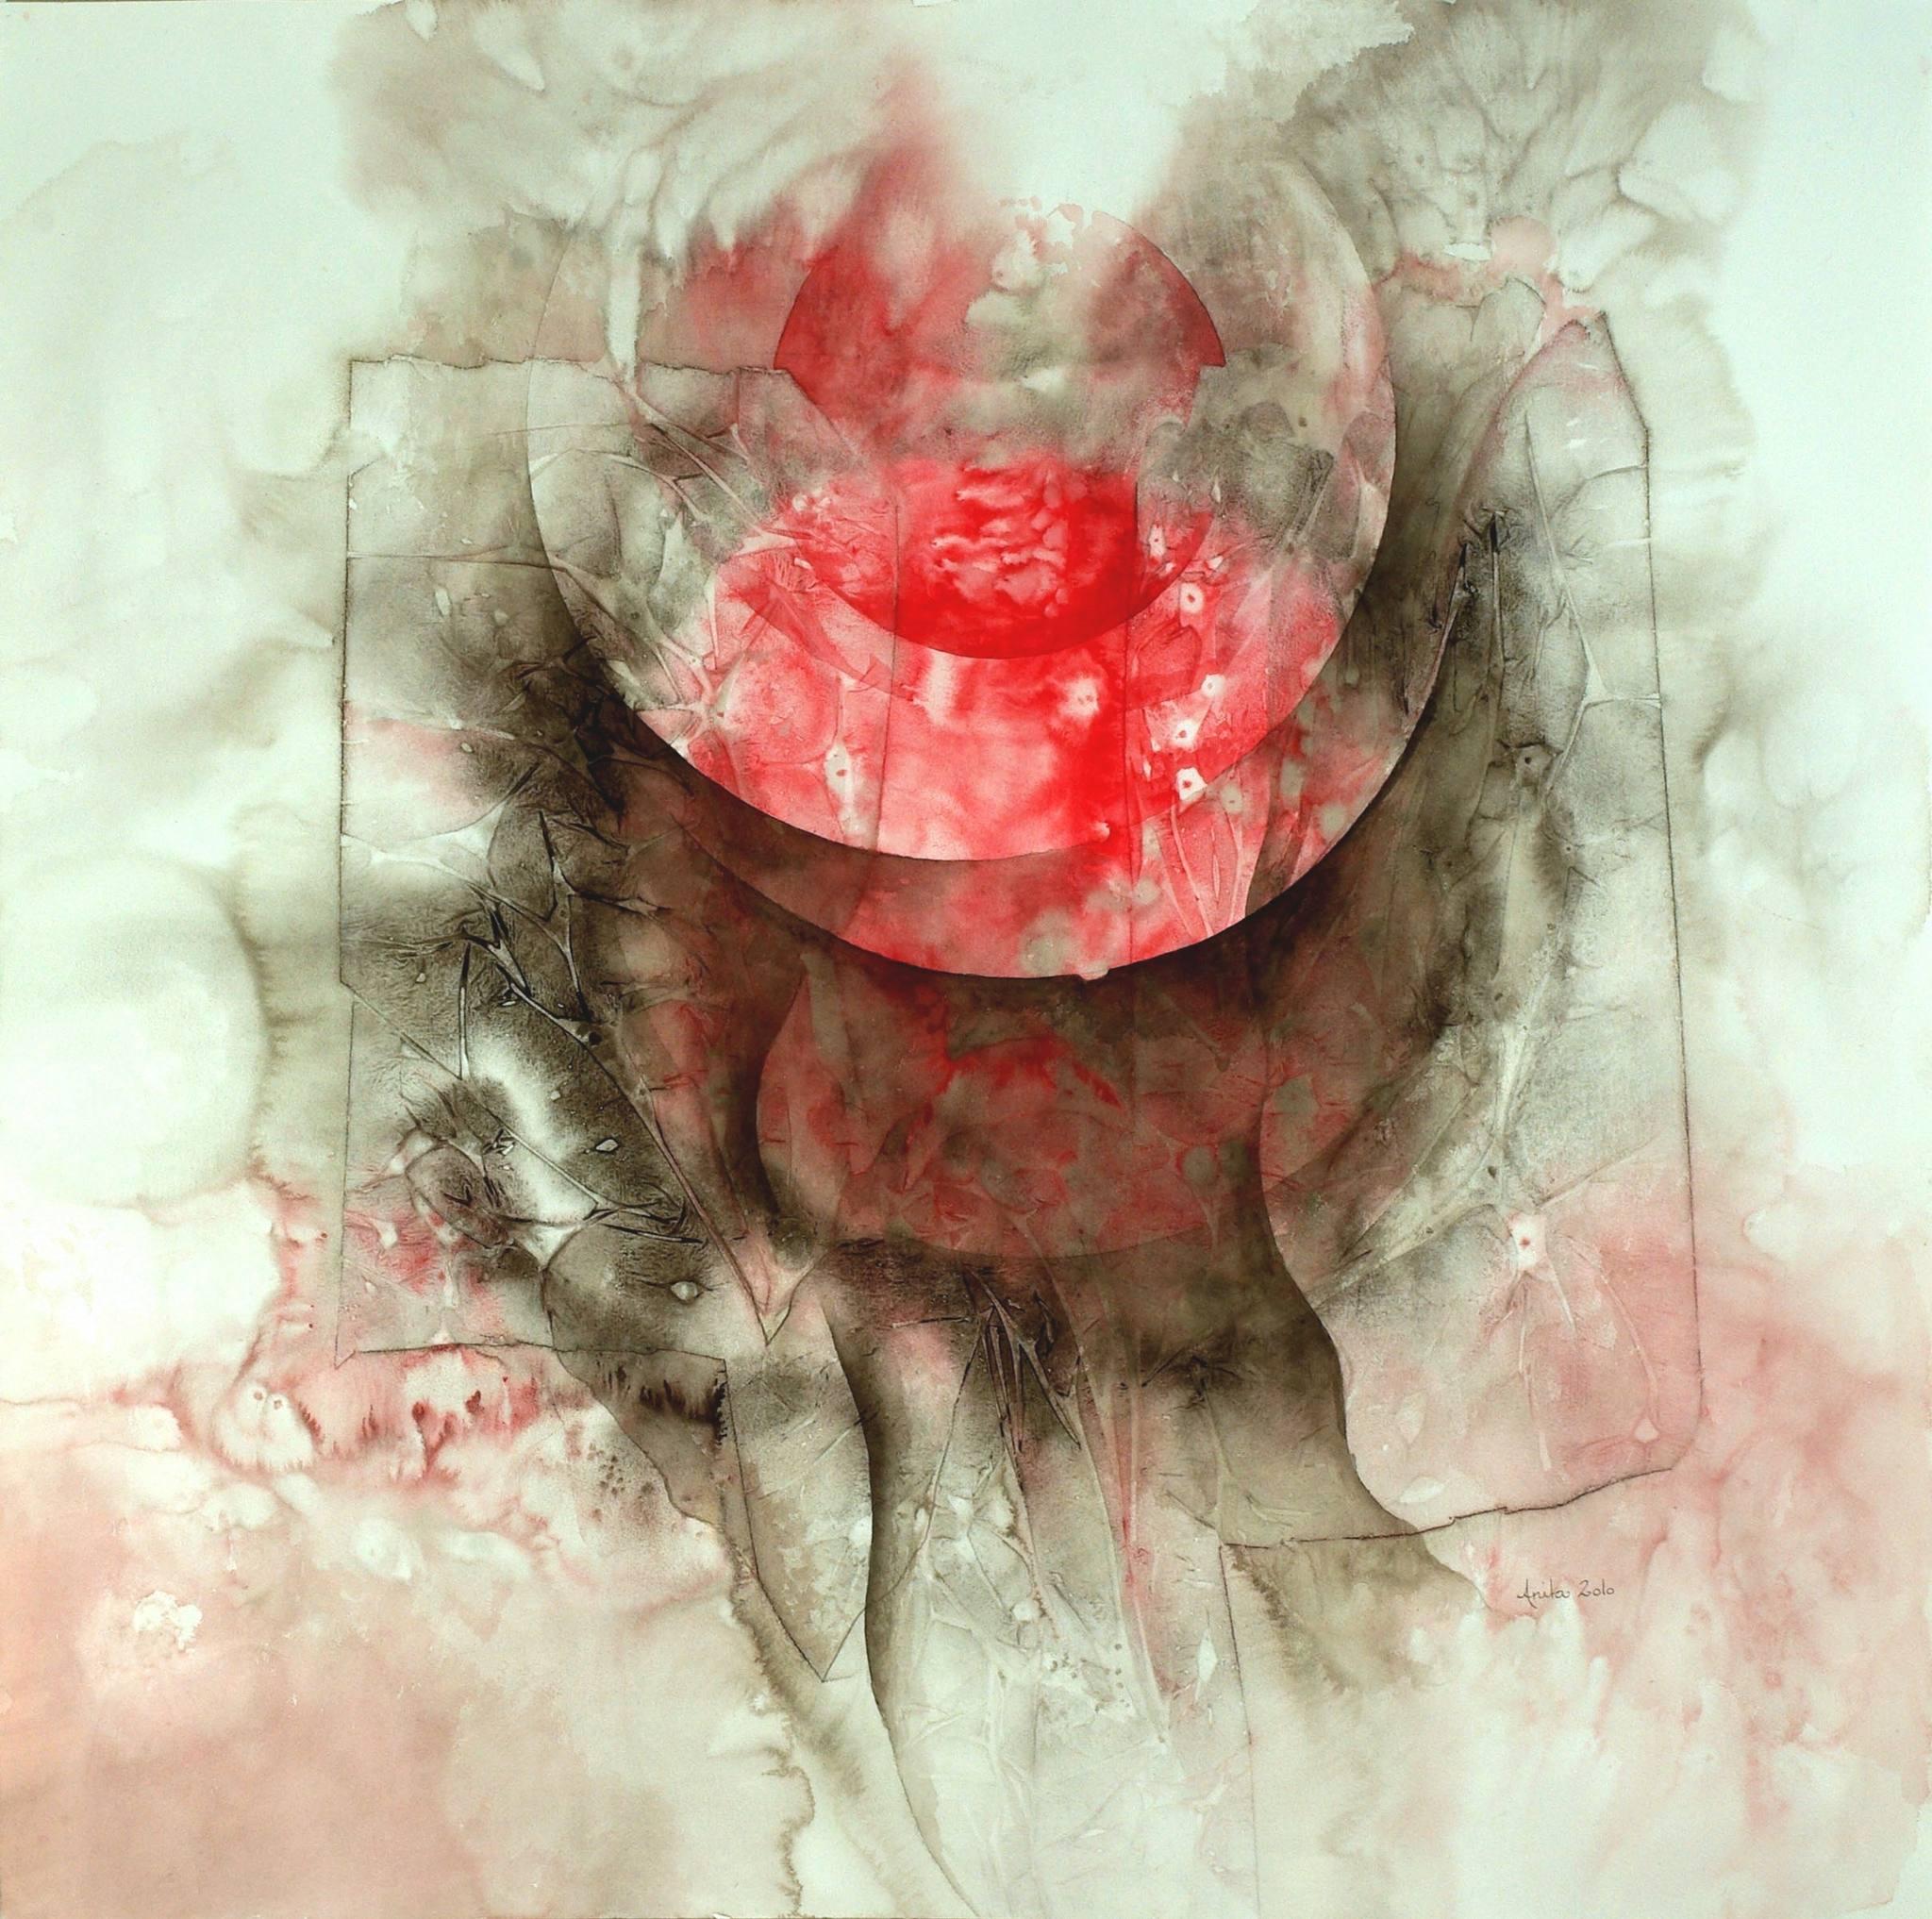 Vibrations II, 100x100, 2010